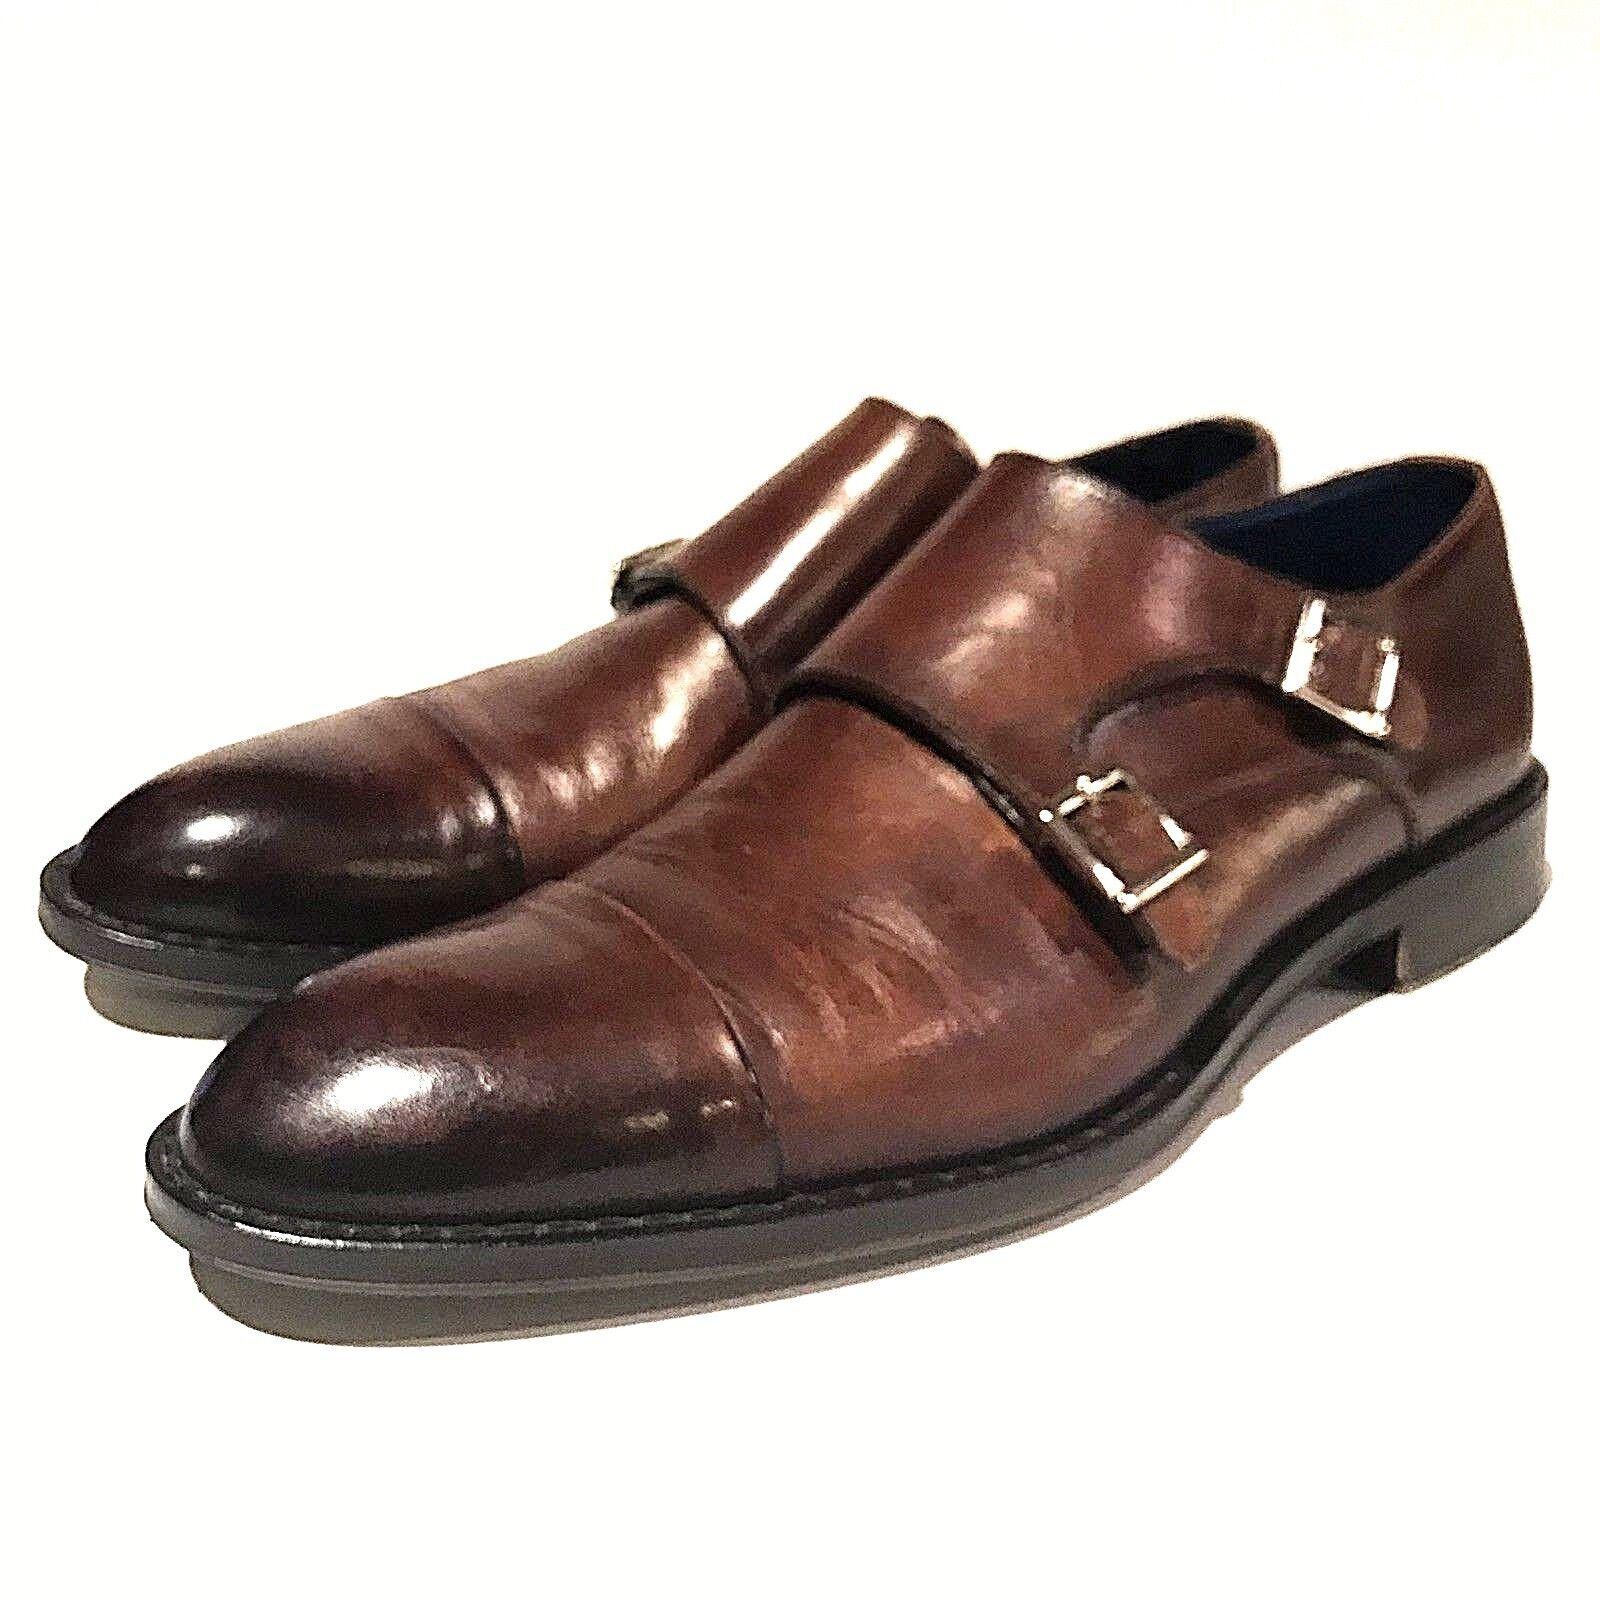 design unico Peter Millar Loafers Marrone Leather Uomo Uomo Uomo Dimensione 8.5 Monk Strap  più sconto